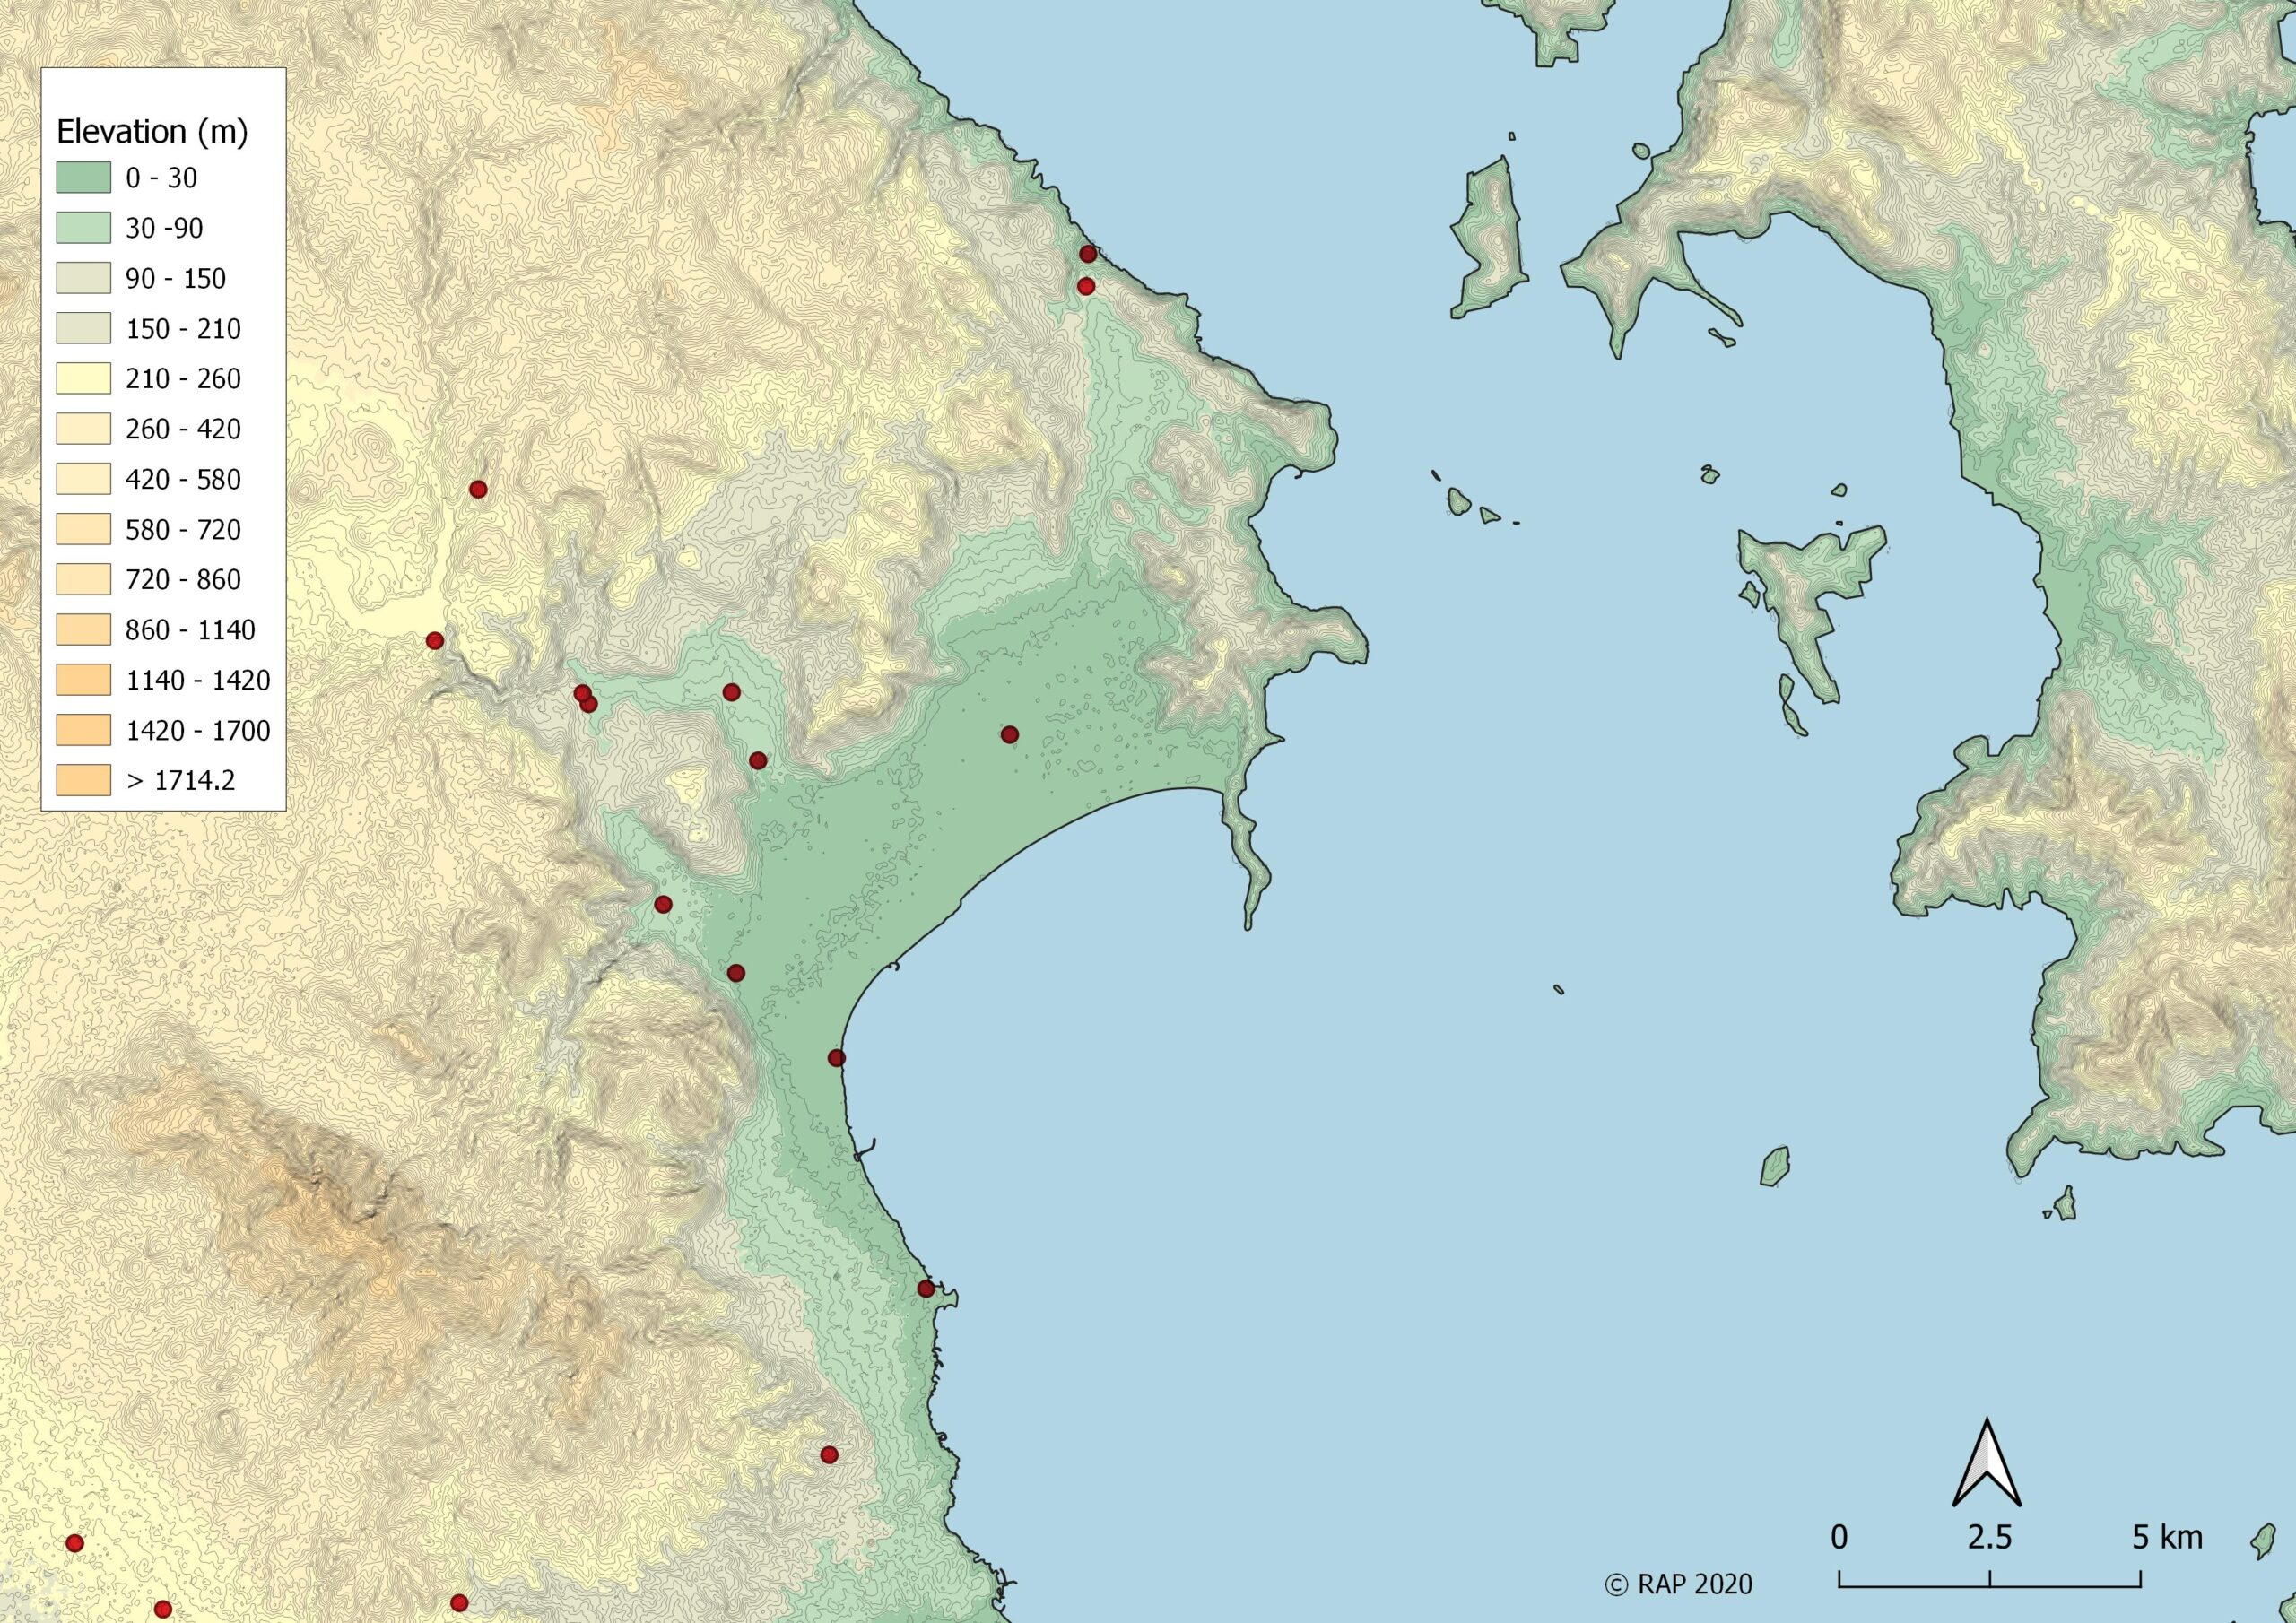 Χάρτης θέσεων ρωμαϊκών χρόνων στον Μαραθώνα